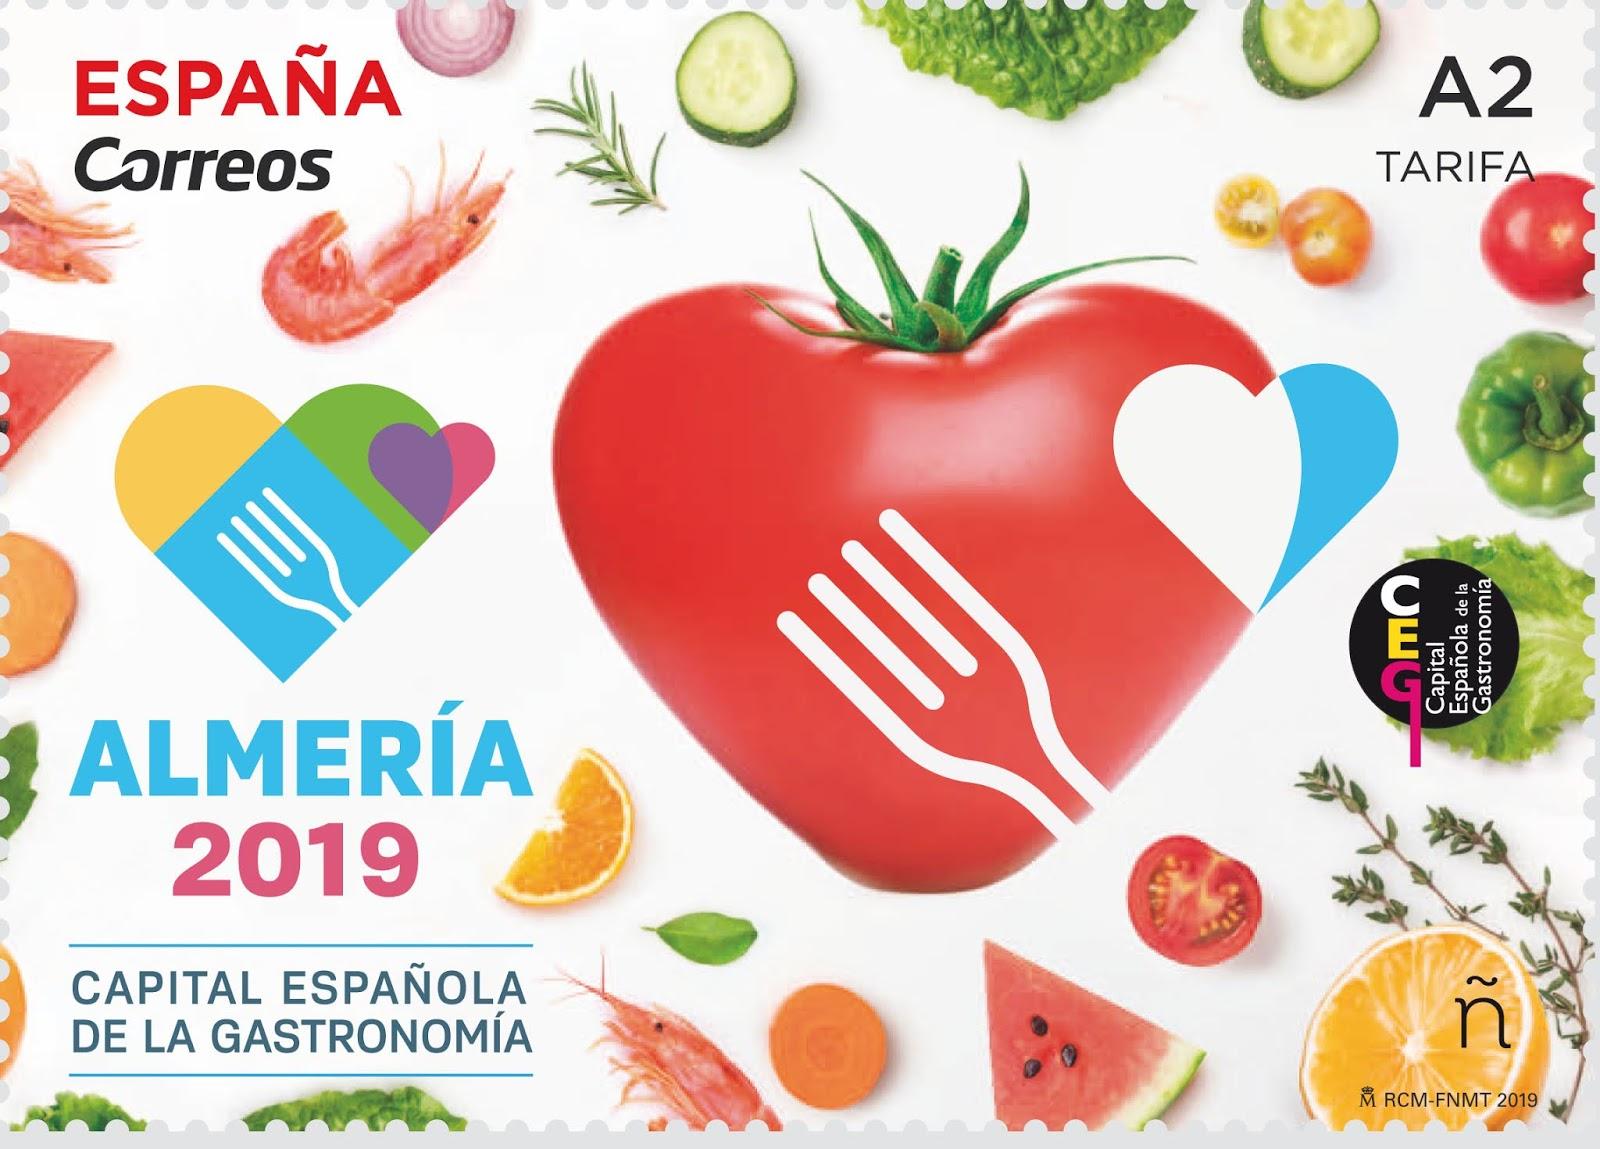 Almería 2019, Capital Española Gastronomía